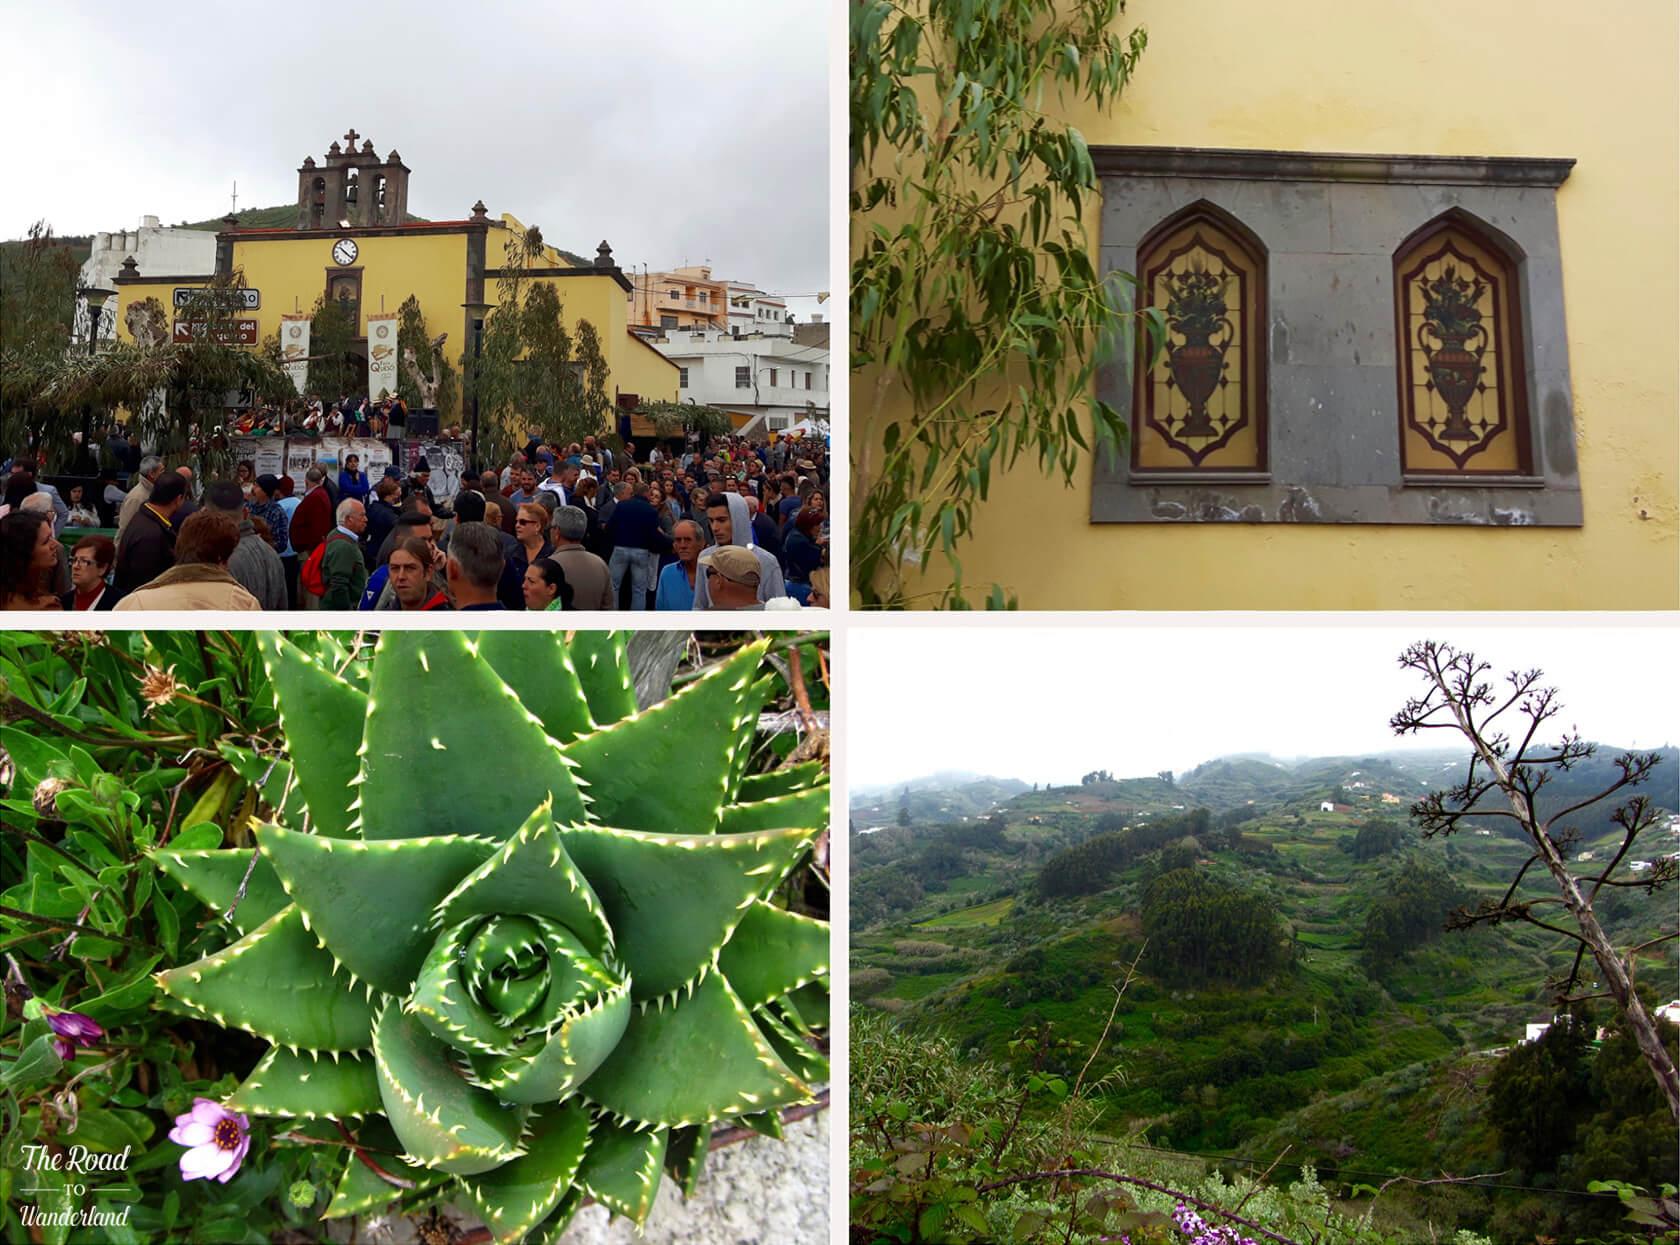 Montaña Alta de Guía: location of the cheese festival